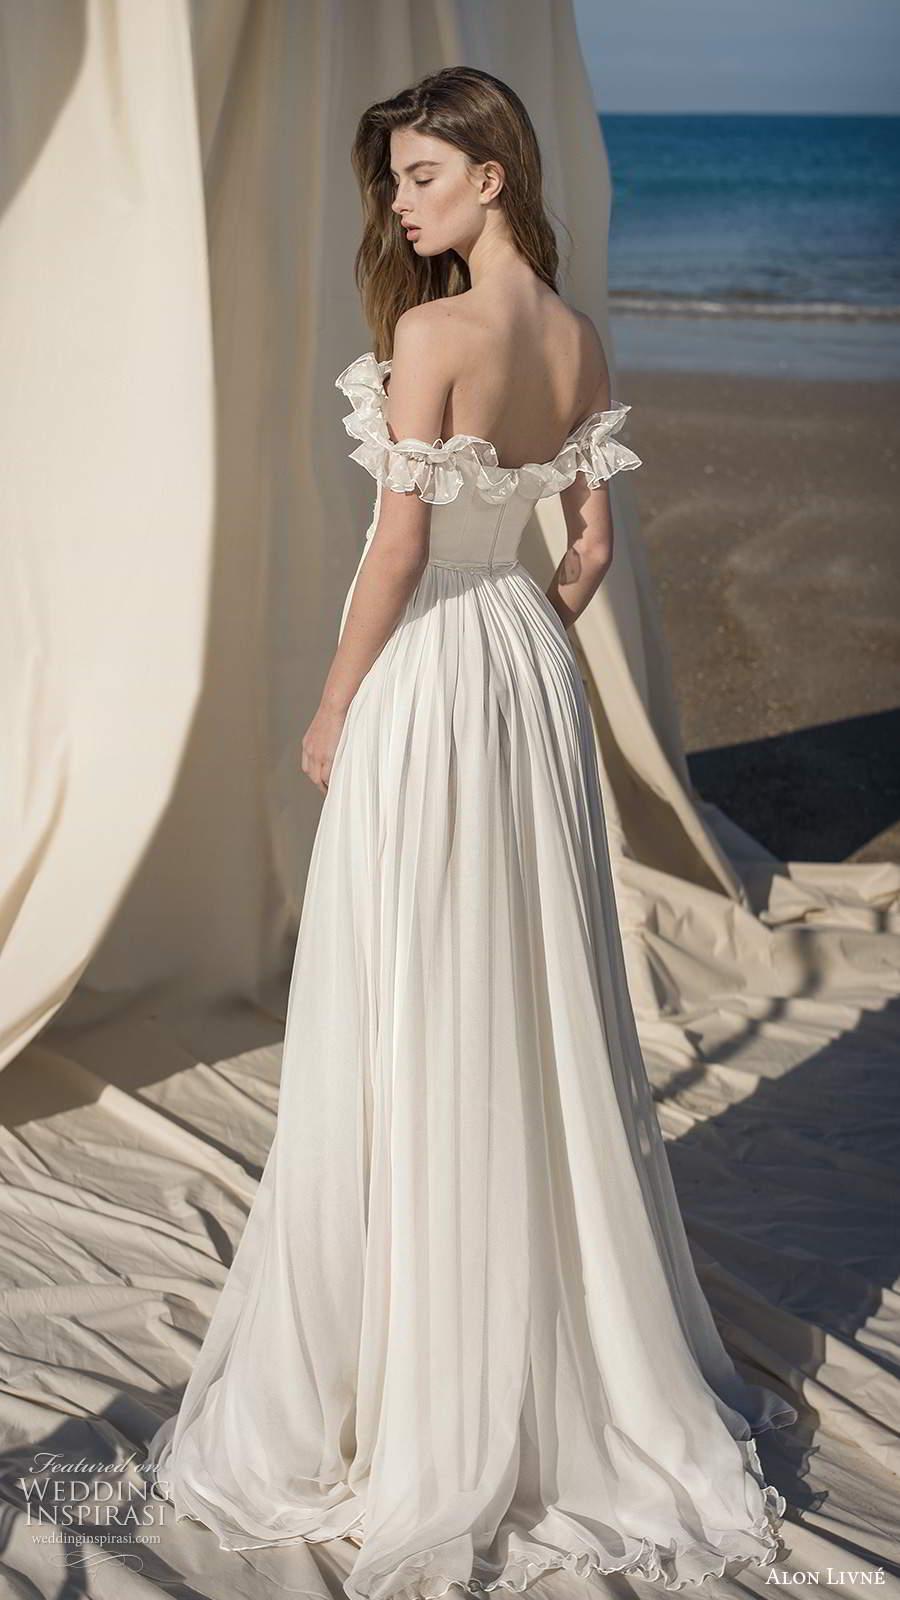 alon livne fall 2020 bridal sheer off shoulder ruffle straps straight across neckline corset bodice a line wedding dress slit skirt (7) bv